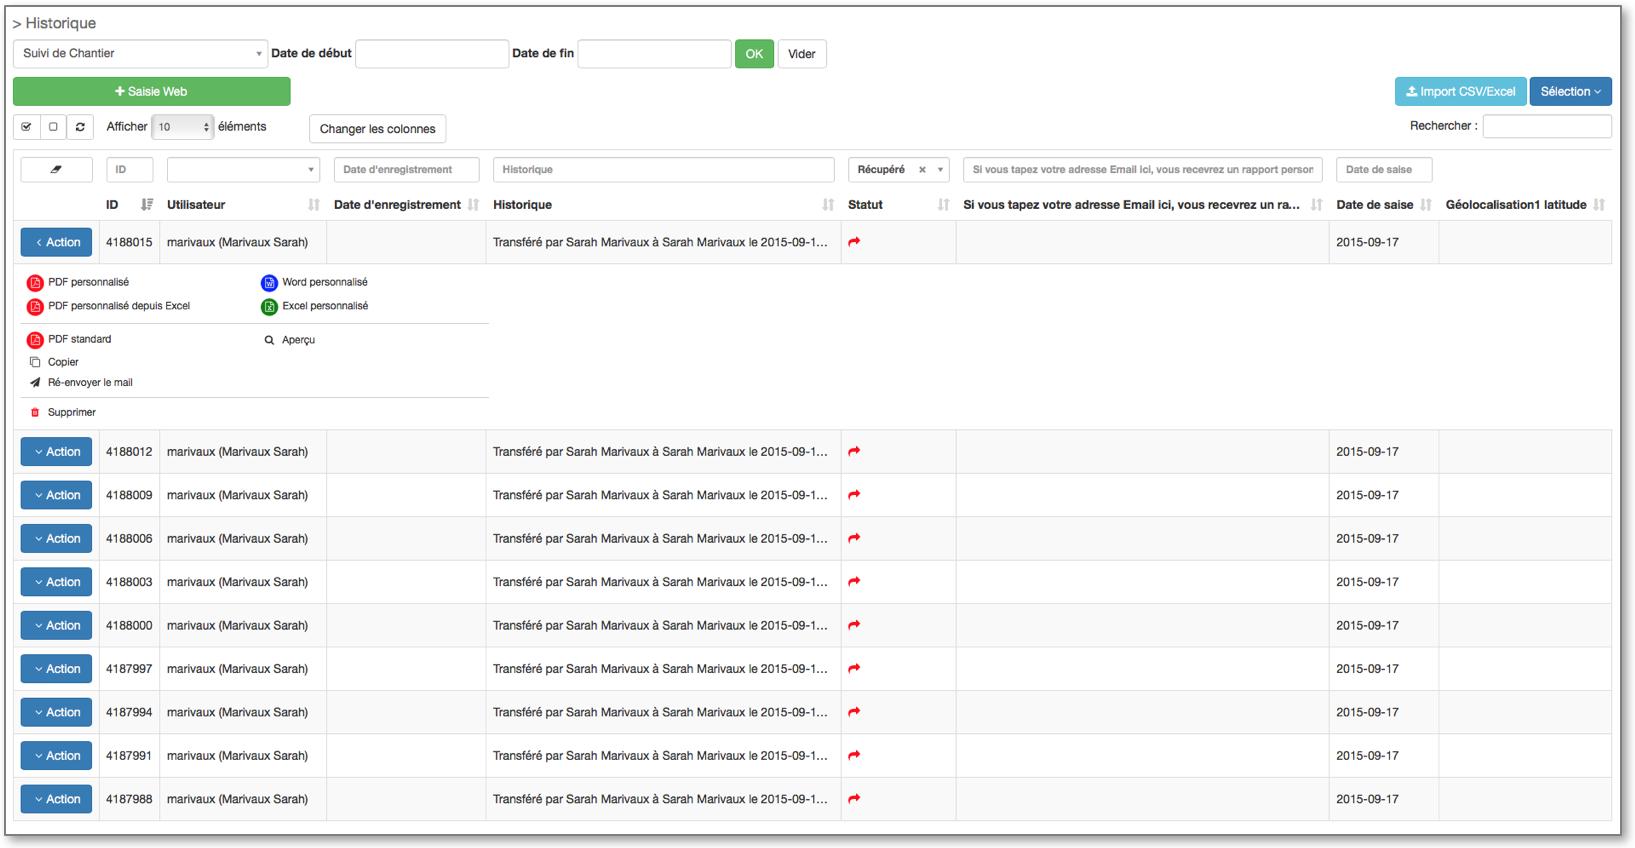 Exportez vos données au format souhaité